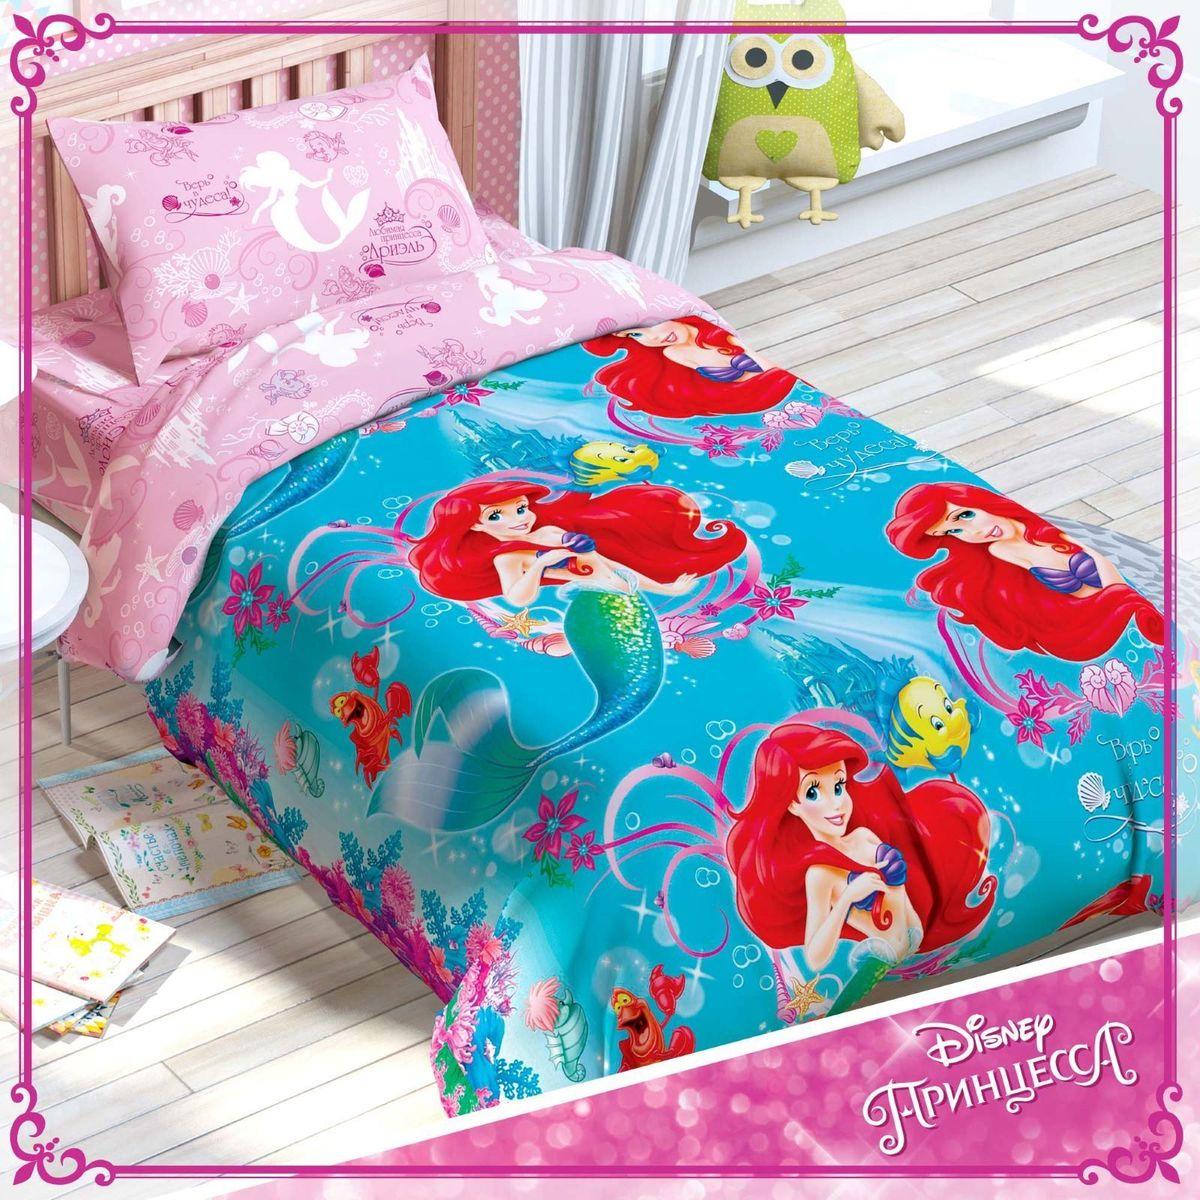 Disney КПБ 1,5 спальное Принцессы Русалочка Ариель1317319Постельное бельё для самой очаровательной девчонки!Превратить детскую в настоящую сказочную страну, подарить маленькой поклоннице диснеевских мультфильмов сны, полные удивительных приключений и волшебства, обеспечить дочке комфорт и уют на протяжении всей ночи — всё это легко сделать с комплектом «Минни Маус: Гламурные подружки».Над дизайном этого постельного белья работала команда настоящих мастеров своего дела! На внешней стороне пододеяльника разместился основной мотив: яркий, динамичный и запоминающийся рисунок, дополненный надписями на русском языке. В качестве основы для наволочек, простыни и внутренней стороны пододеяльника используется светлая ткань-компаньон: принт здесь более спокойный, но не менее красивый!Кроха будет в восторге!А заботливых родителей порадует качество. Бельё изготовлено на современном оборудовании в России под тщательным контролем на каждой стадии производства. В работе использовался только натуральный, экологически чистый хлопок и безопасные европейские красители. Именно поэтому комплект:невероятно приятный на ощупь, подходит для детей с чувствительной кожей;позволяет коже дышать;отлично впитывает влагу;не вызывает аллергию;прост в уходе и долговечен.В комплект входит: пододеяльник (143 х 215 см), простыня (150 х 214 см) и одна наволочка (50 х 70 см).При соблюдении простых рекомендаций по уходу за изделием постельное бельё прослужит длительный срок, сохранив яркость красок и нежность ткани. Стирать бельё нужно при температуре не выше сорока градусов без использования отбеливающих средств. Гладить — при температуре не более 150 °C. Химчистка запрещена.